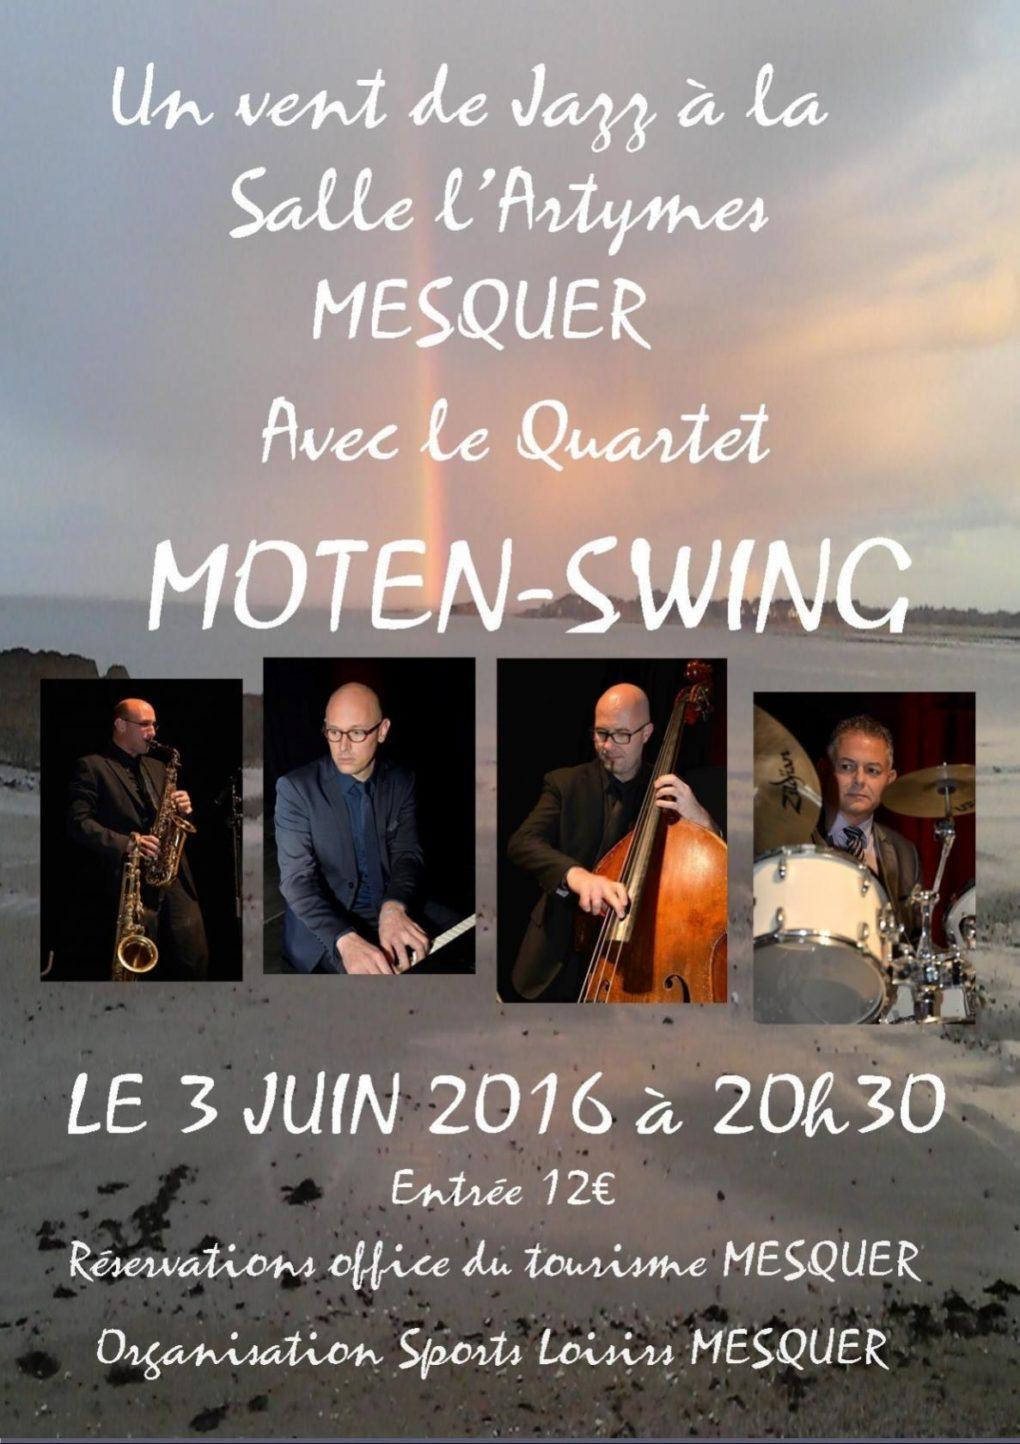 Moten swing Mesquer